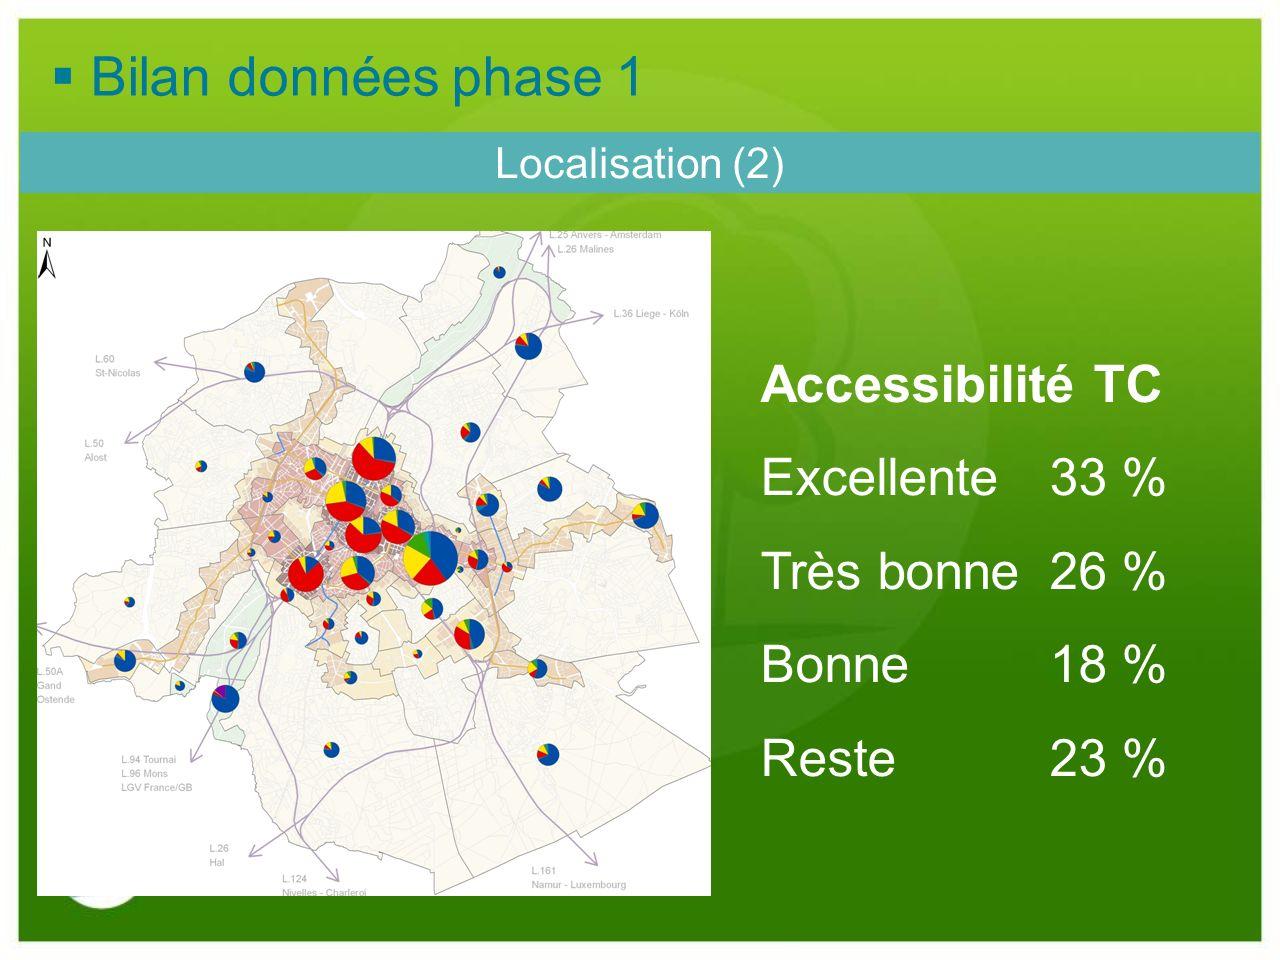 Bilan données phase 1 Accessibilité TC Excellente 33 % Très bonne 26 %